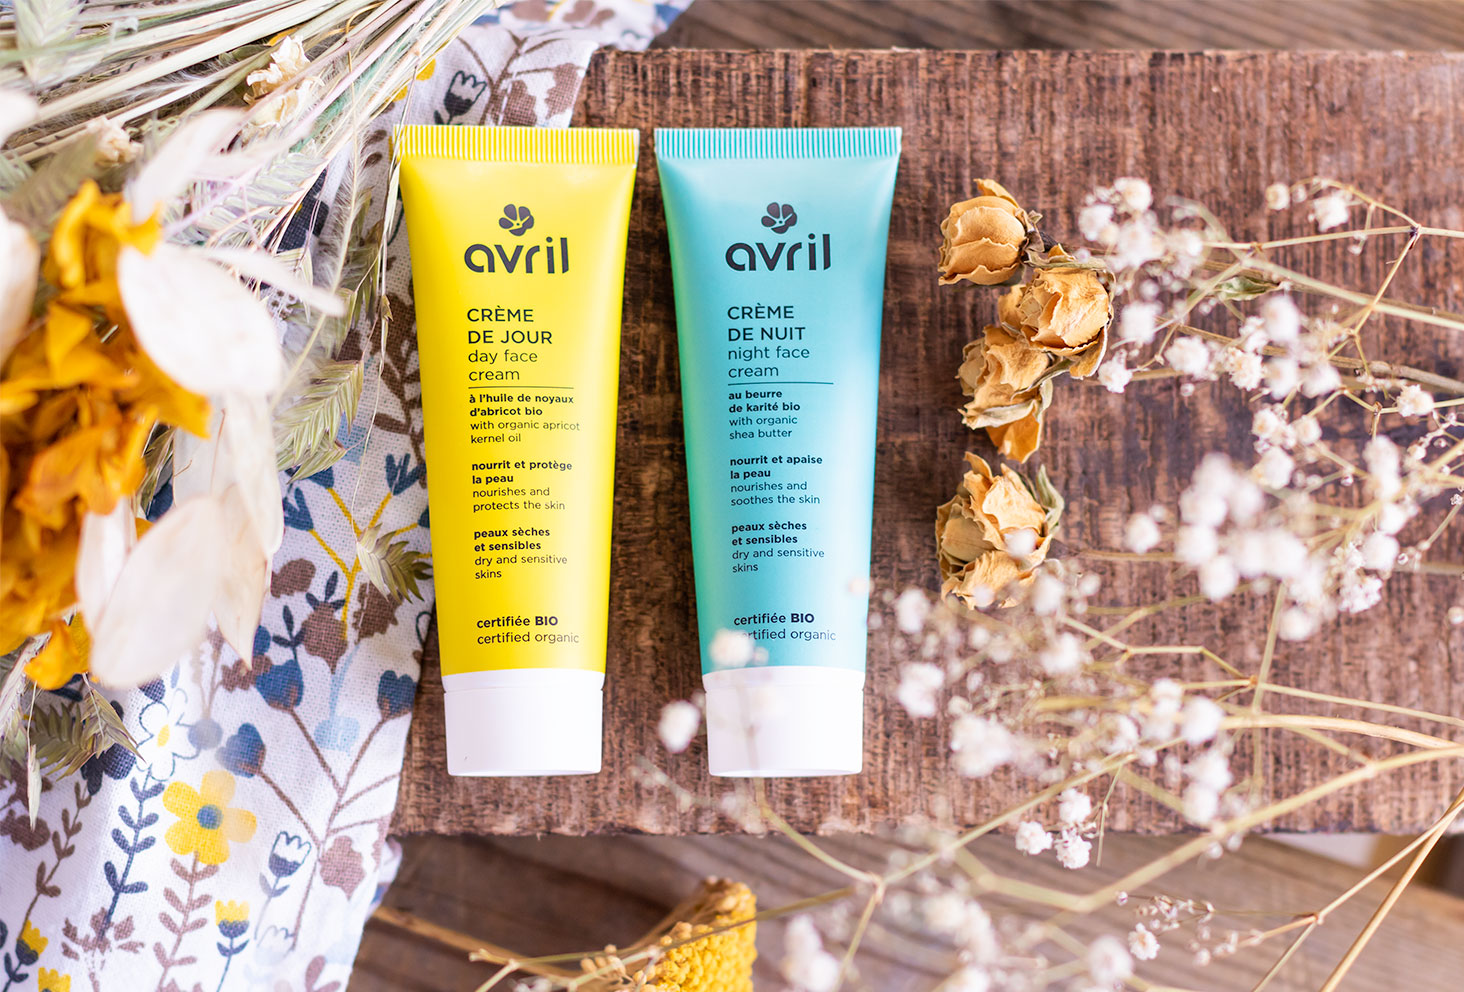 La crème de jour et la crème de nuit Avril posées sur une planche en bois de haut au milieu de fleurs sèches jaunes et blanches